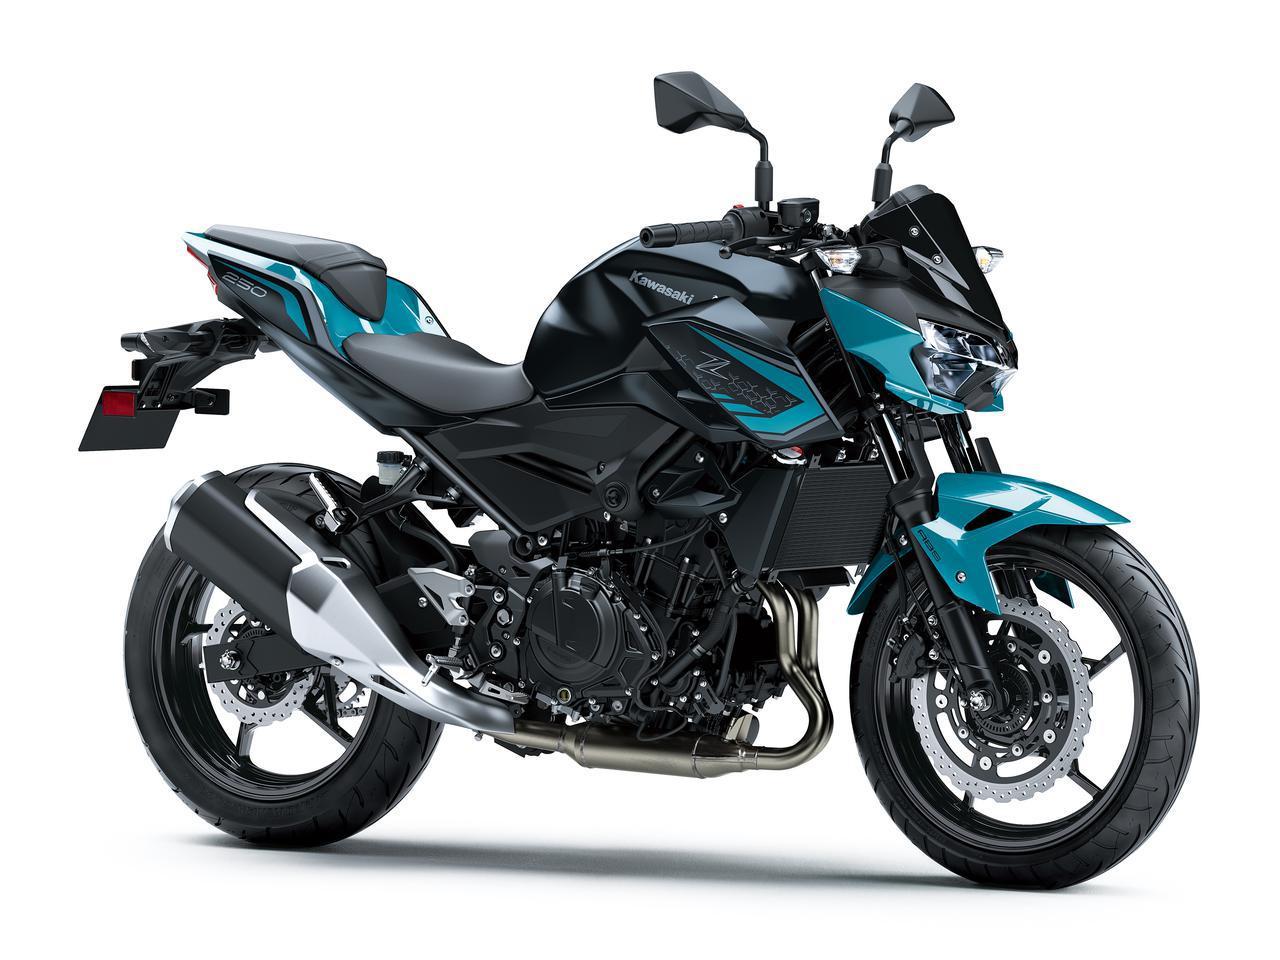 画像1: カワサキが「Z250」の2021年モデルを発売! 2020年モデルと比較してみよう【2021速報】